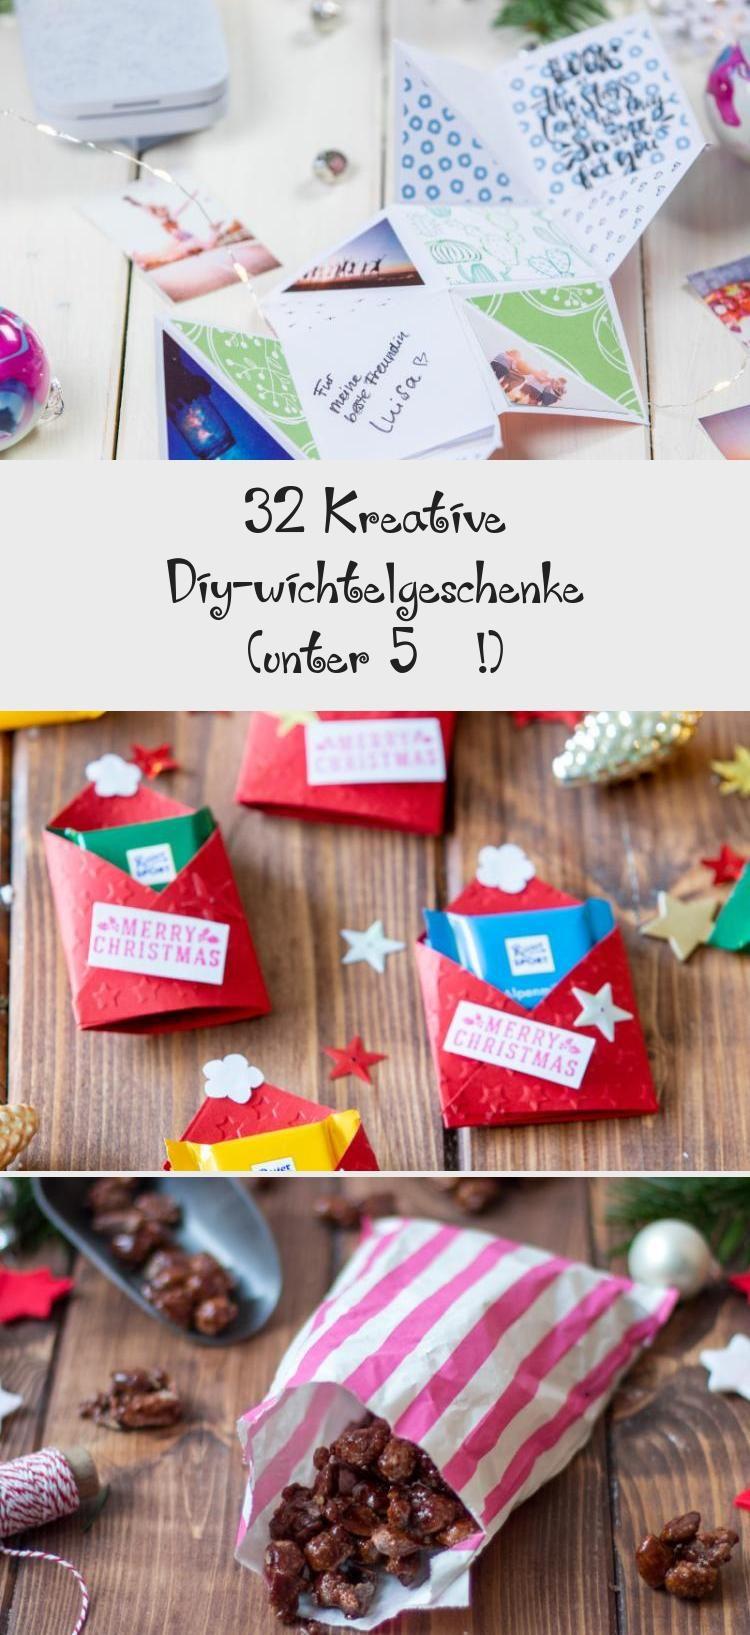 Wichtel geschenkideen 5€